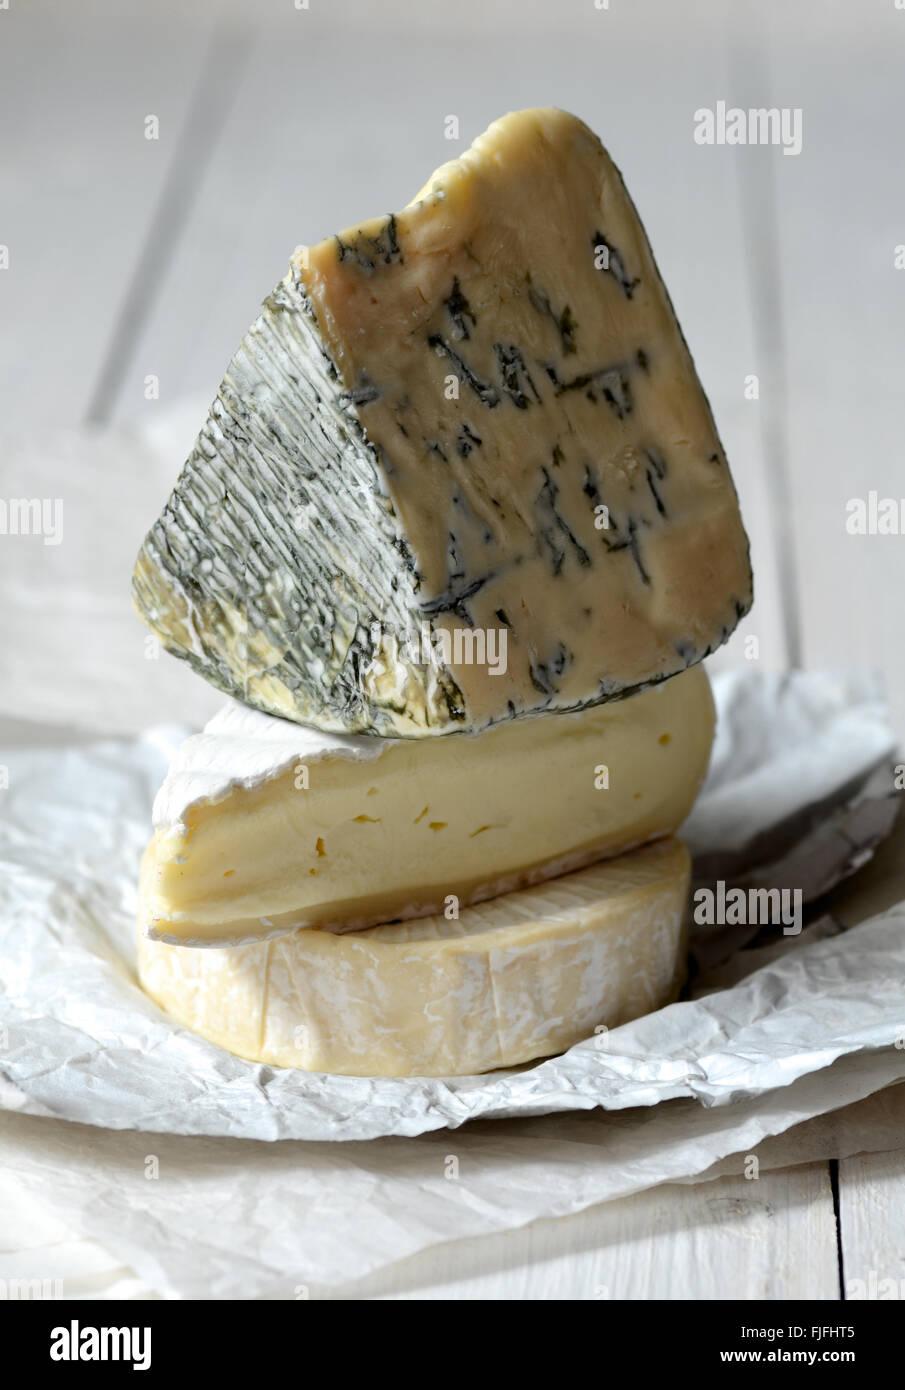 Los diferentes tipos de quesos: brie, camembert, queso azul Foto de stock